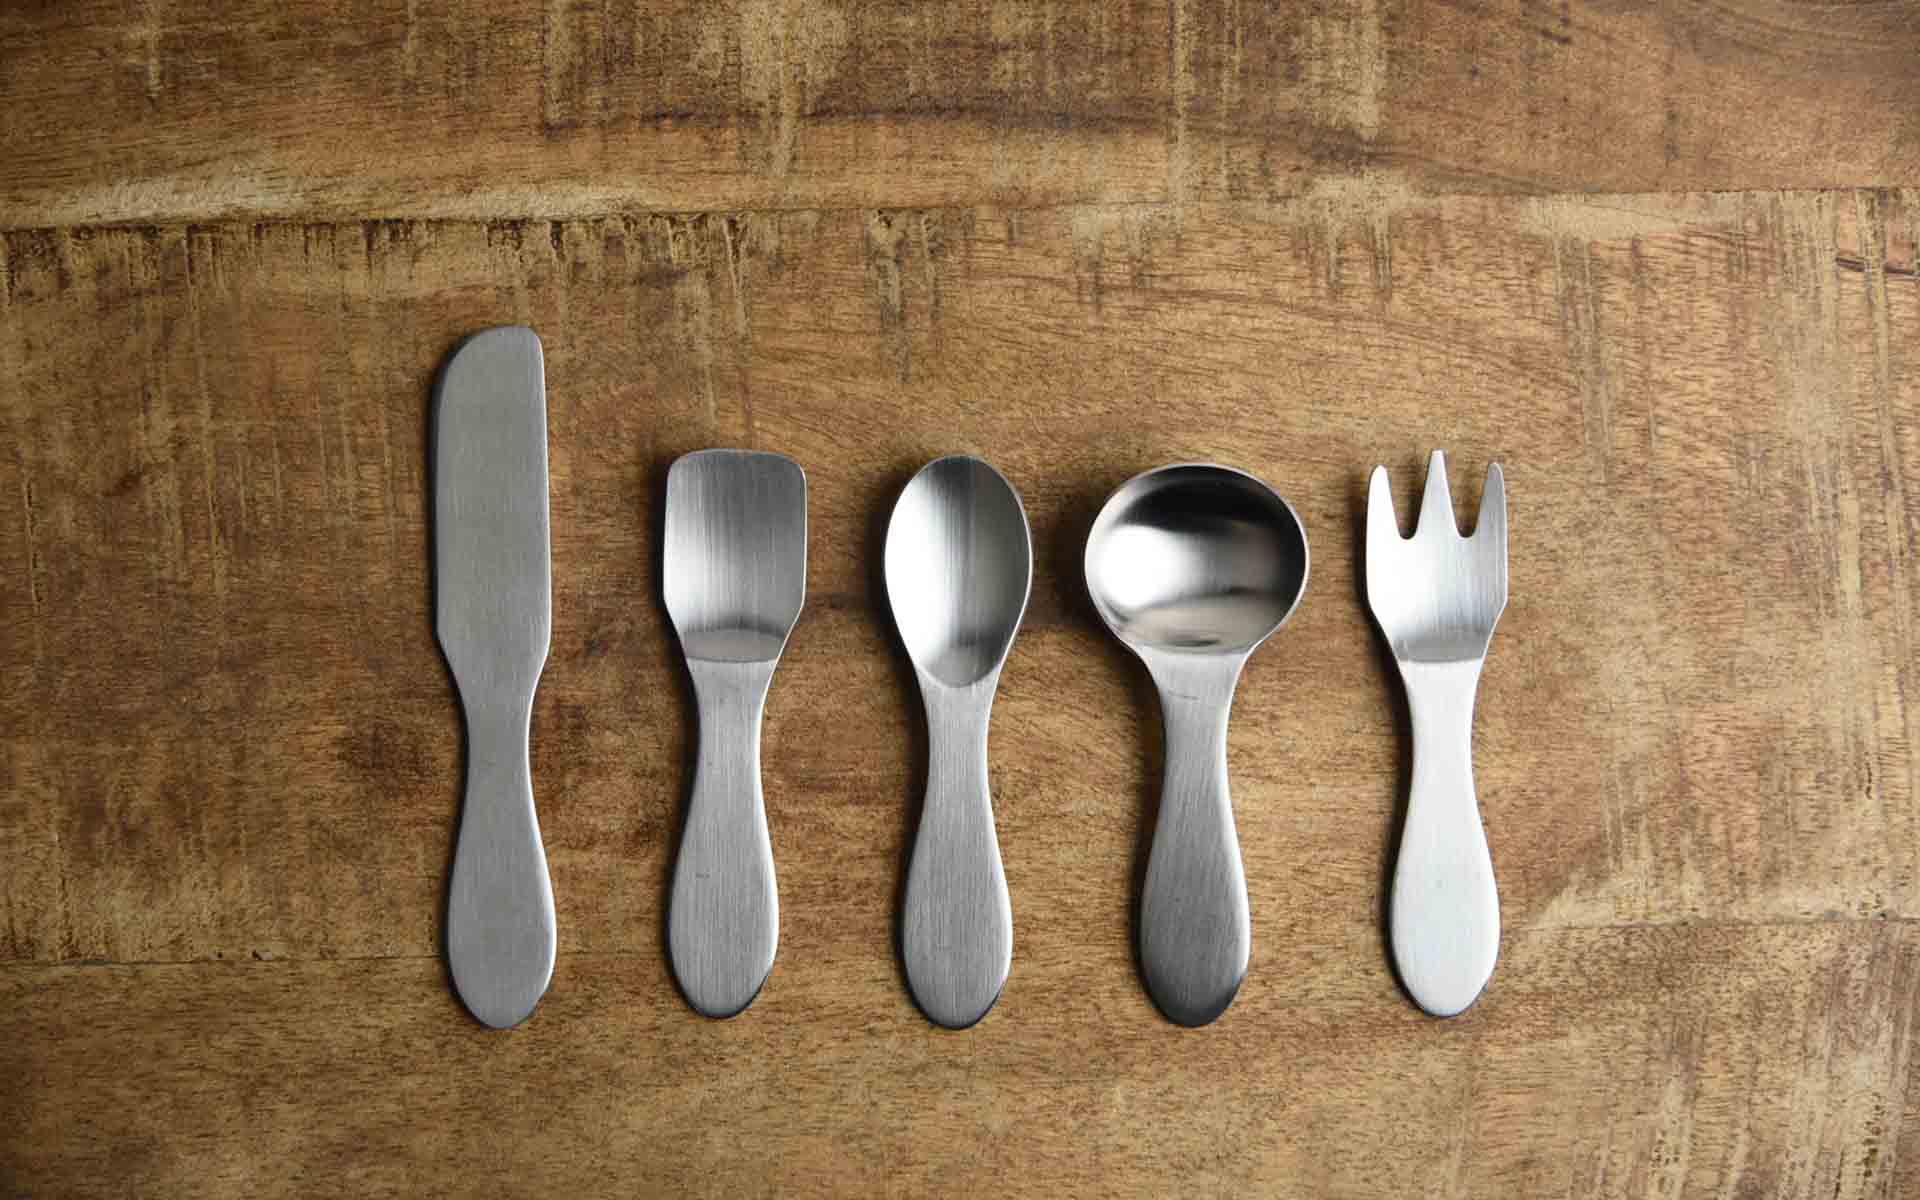 食卓を彩る手のひらサイズの金属製品、燕市でつくられたプチカトラリー